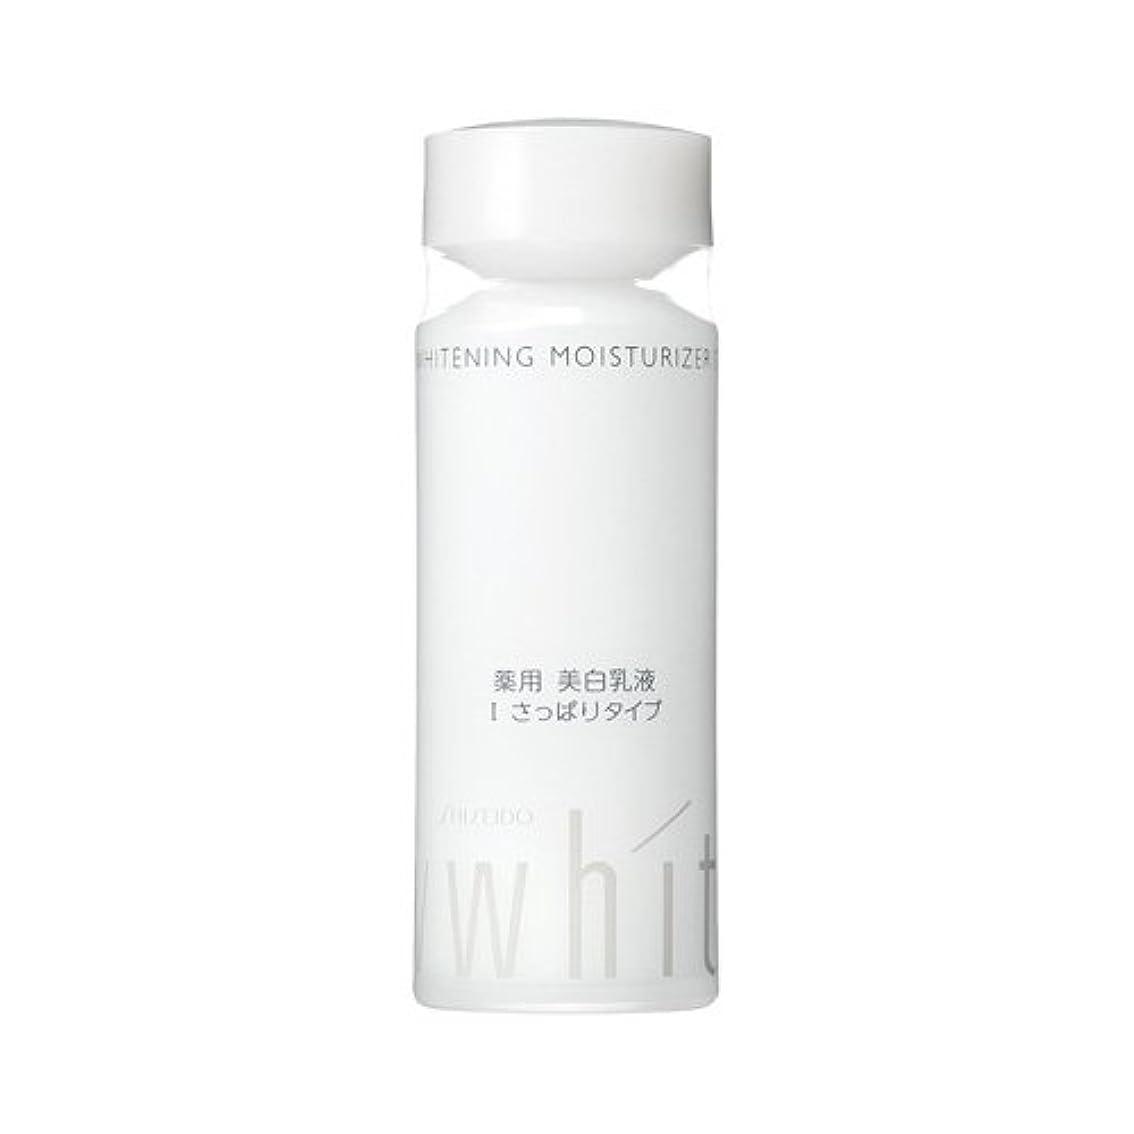 オズワルド手錠名義でユーヴィーホワイト ホワイトニング モイスチャーライザーⅠ 乳液(夜用) 100ml